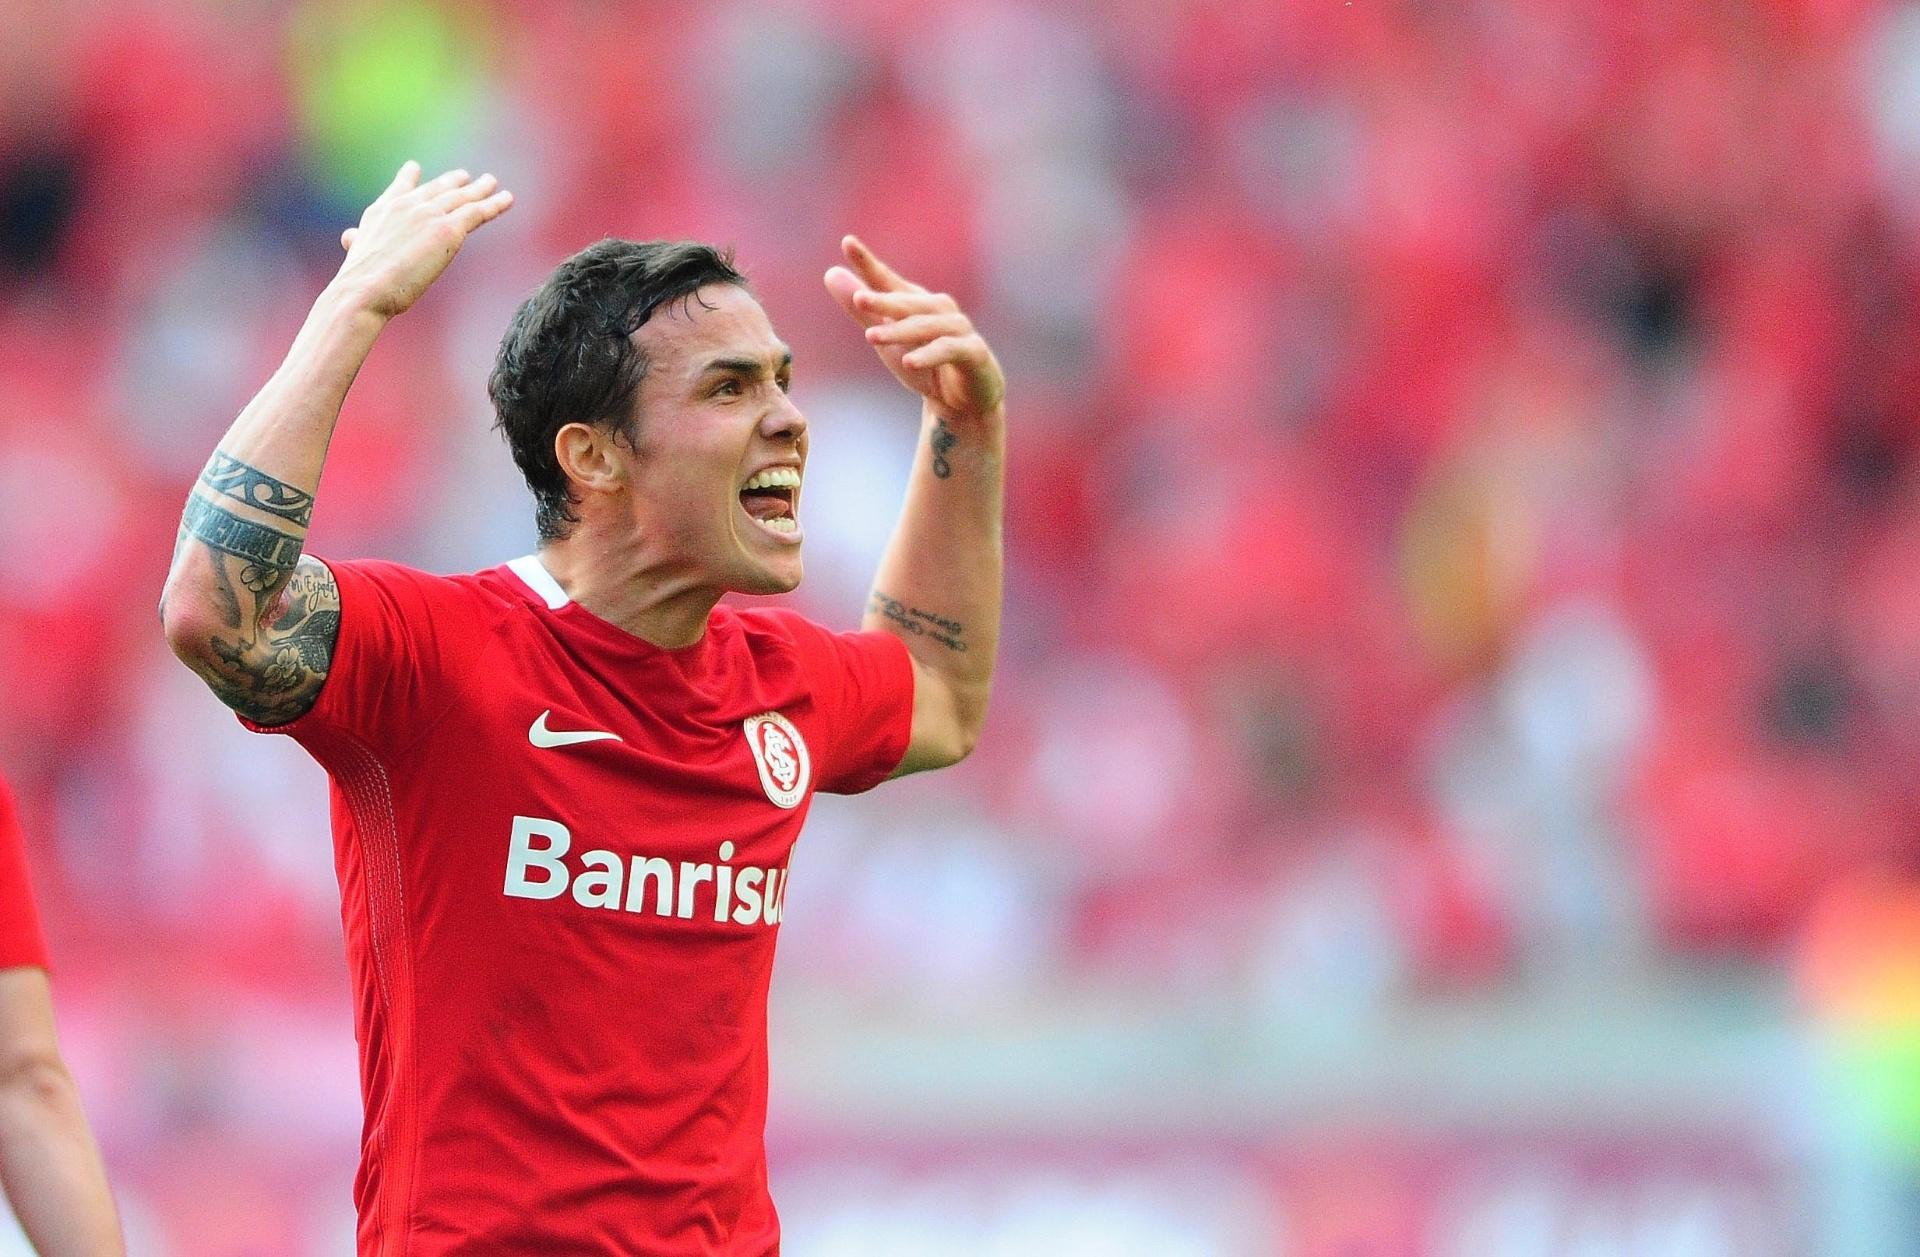 Técnico do Santa Fé rejeita Seijas e esfria negociação para saída do Inter  - Esporte - BOL 1cdd365d64454